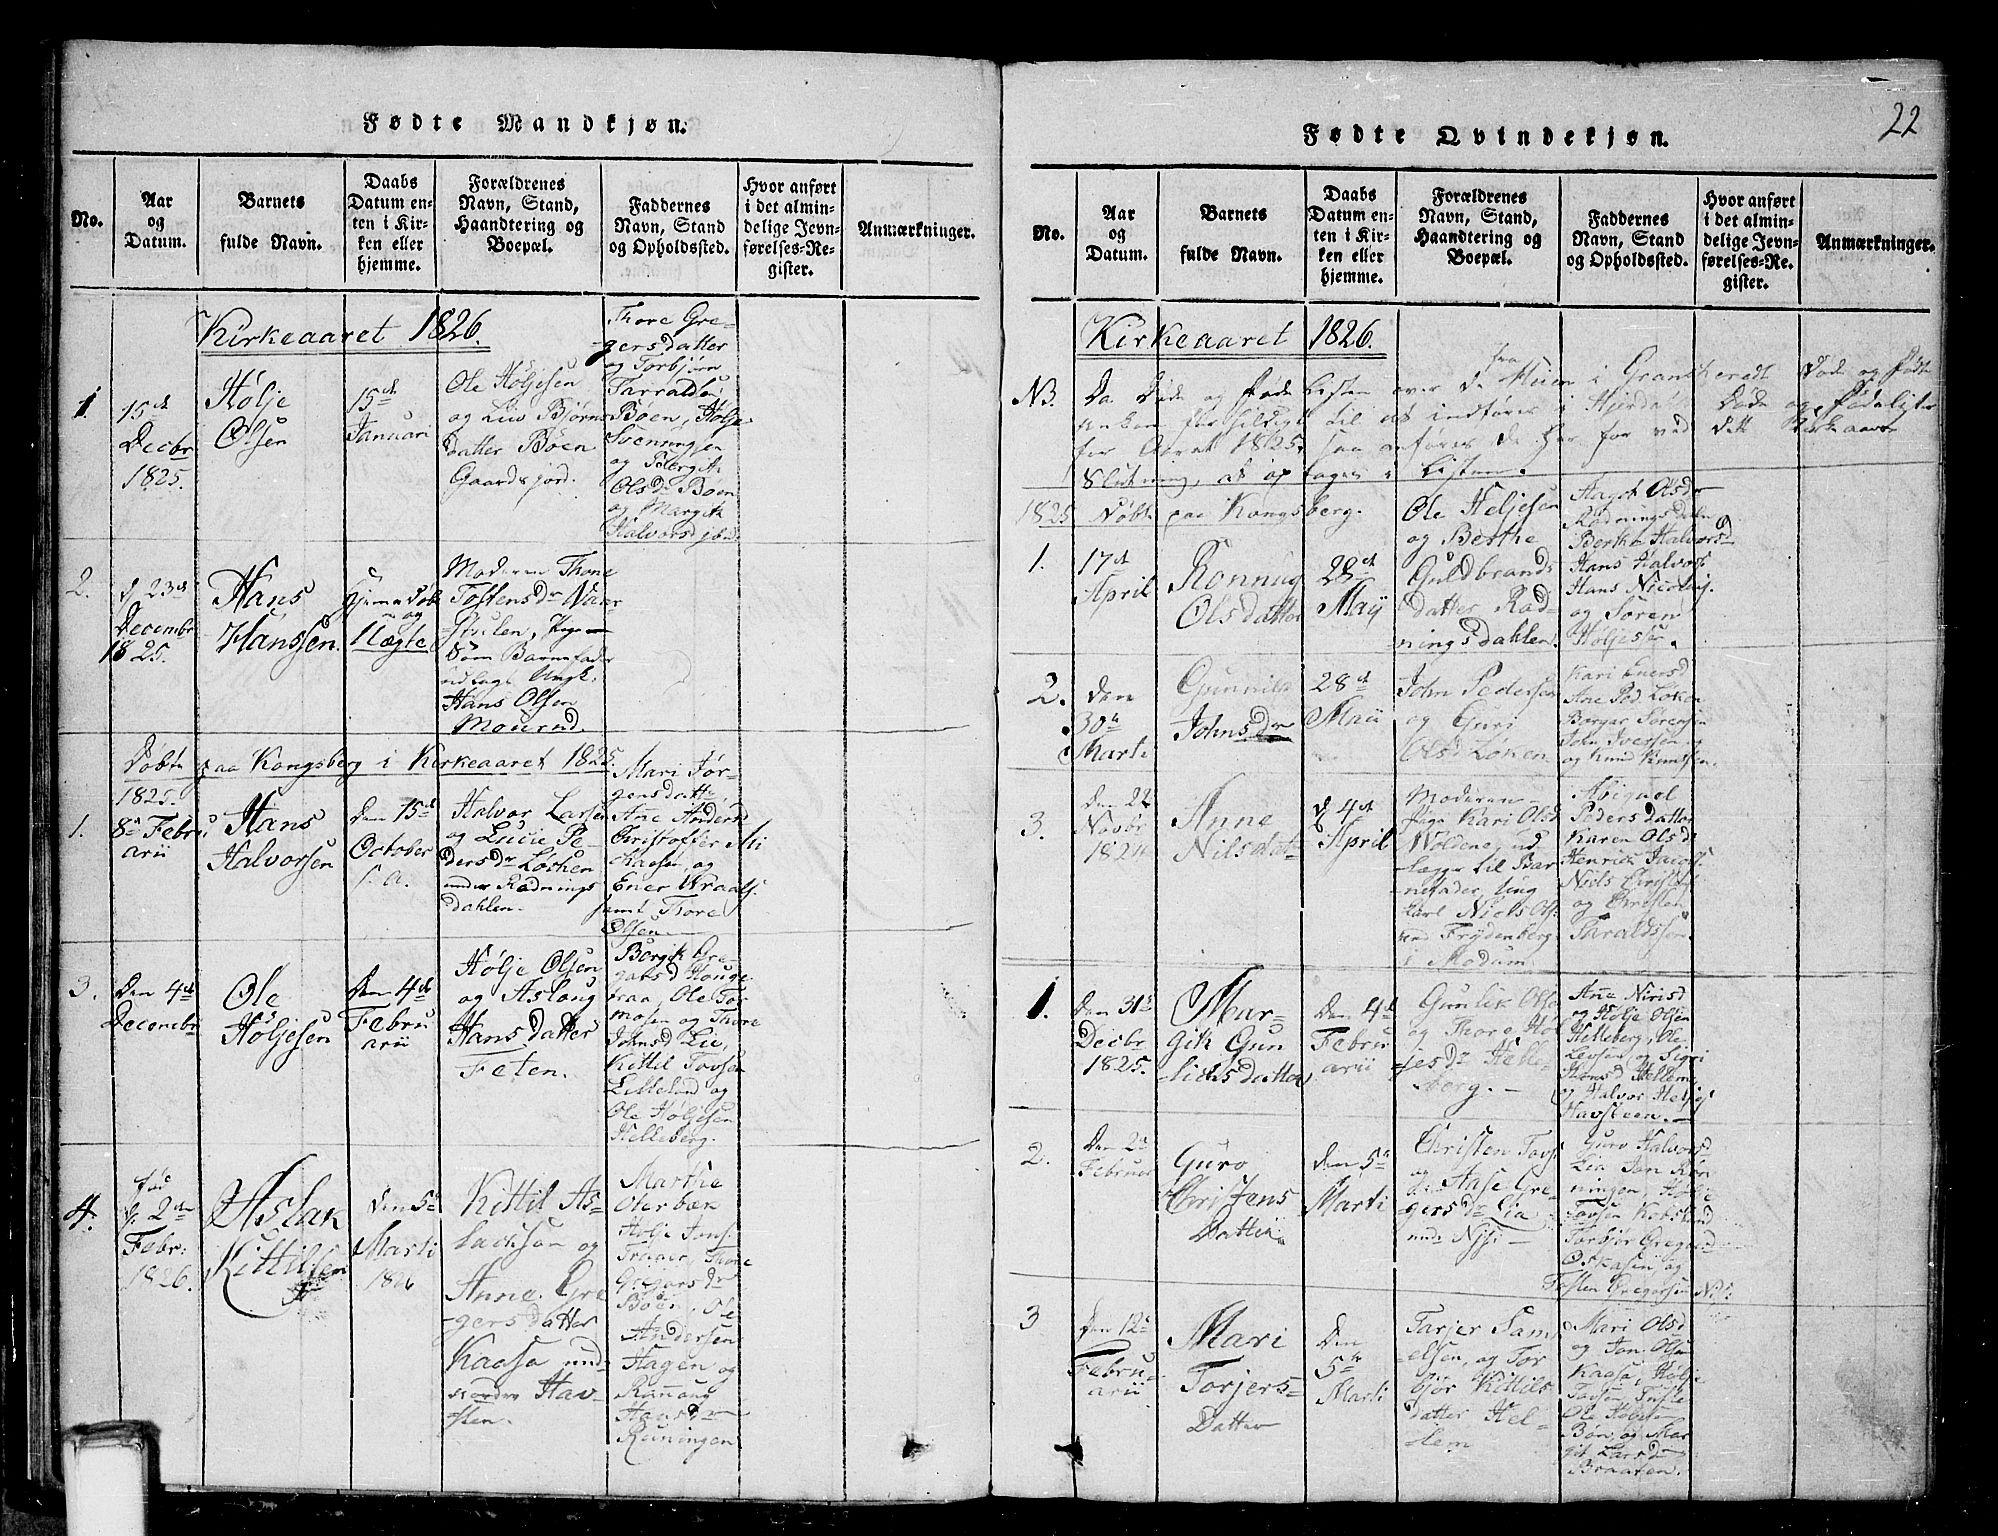 SAKO, Gransherad kirkebøker, G/Ga/L0001: Klokkerbok nr. I 1, 1815-1842, s. 22